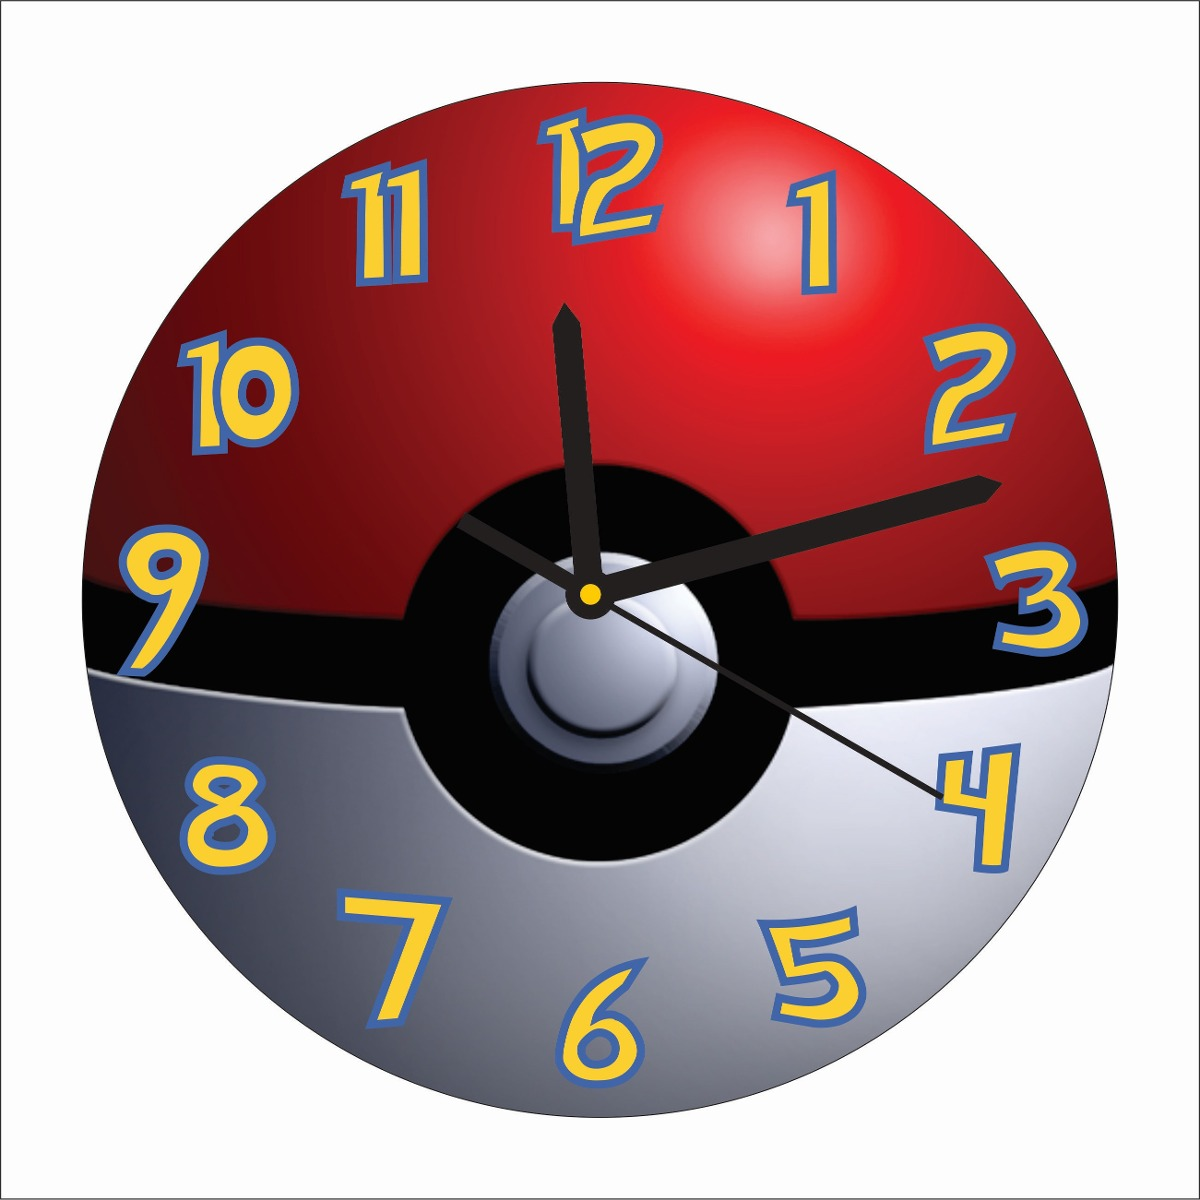 Reloj De Pared Pokemon Pokebola Mdf 195 00 En Mercado Libre # Muebles Pokemon Mercadolibre